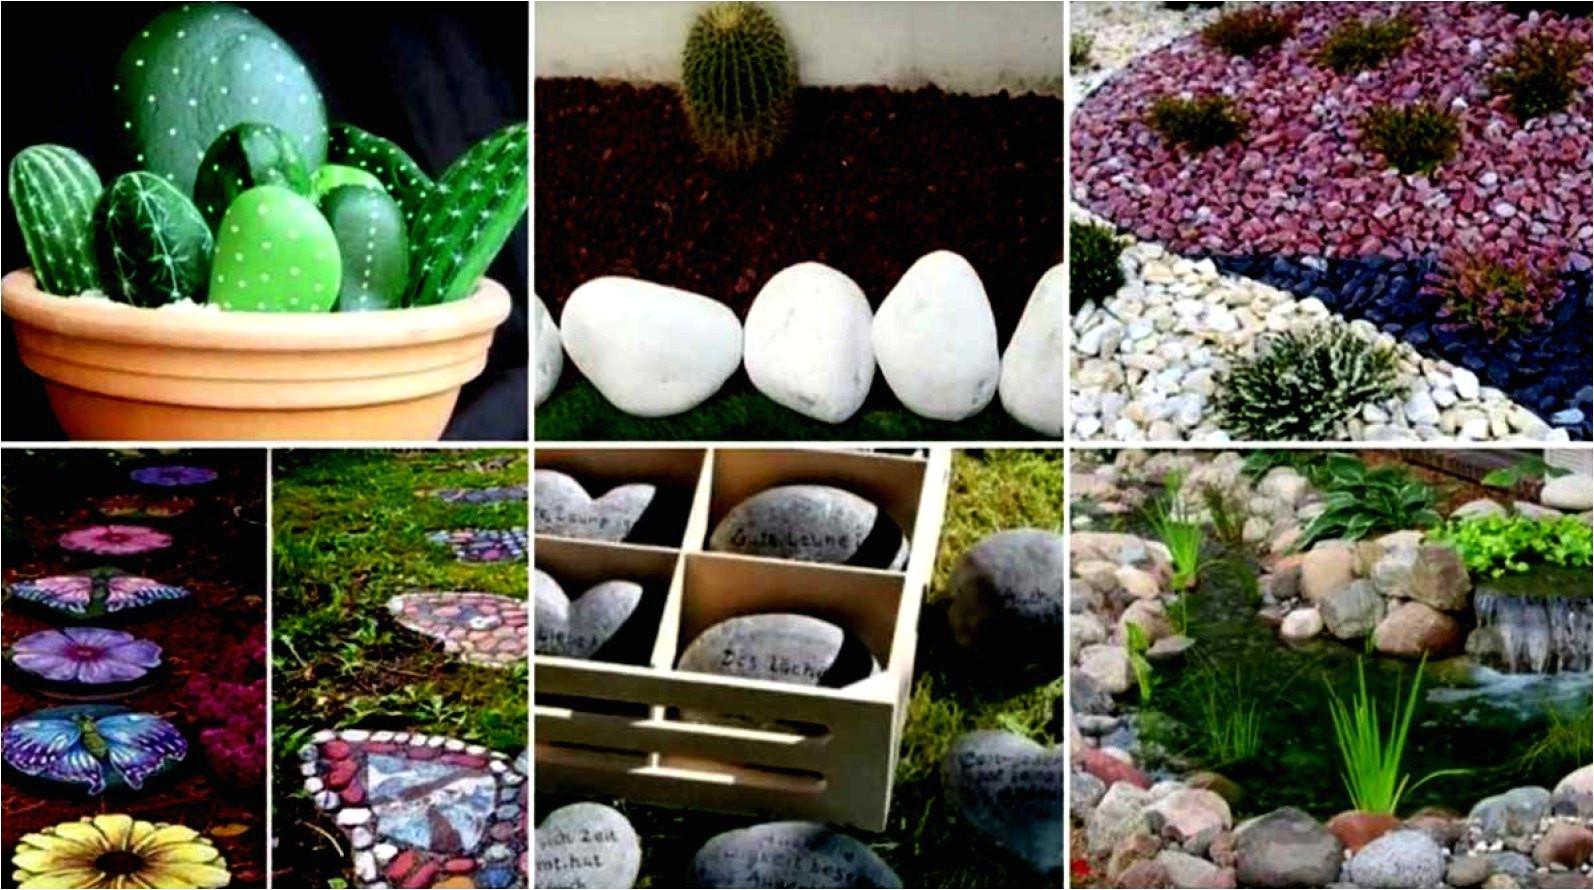 Jardines peque os para frentes de casas con piedras for Decoracion jardines pequenos frente casa